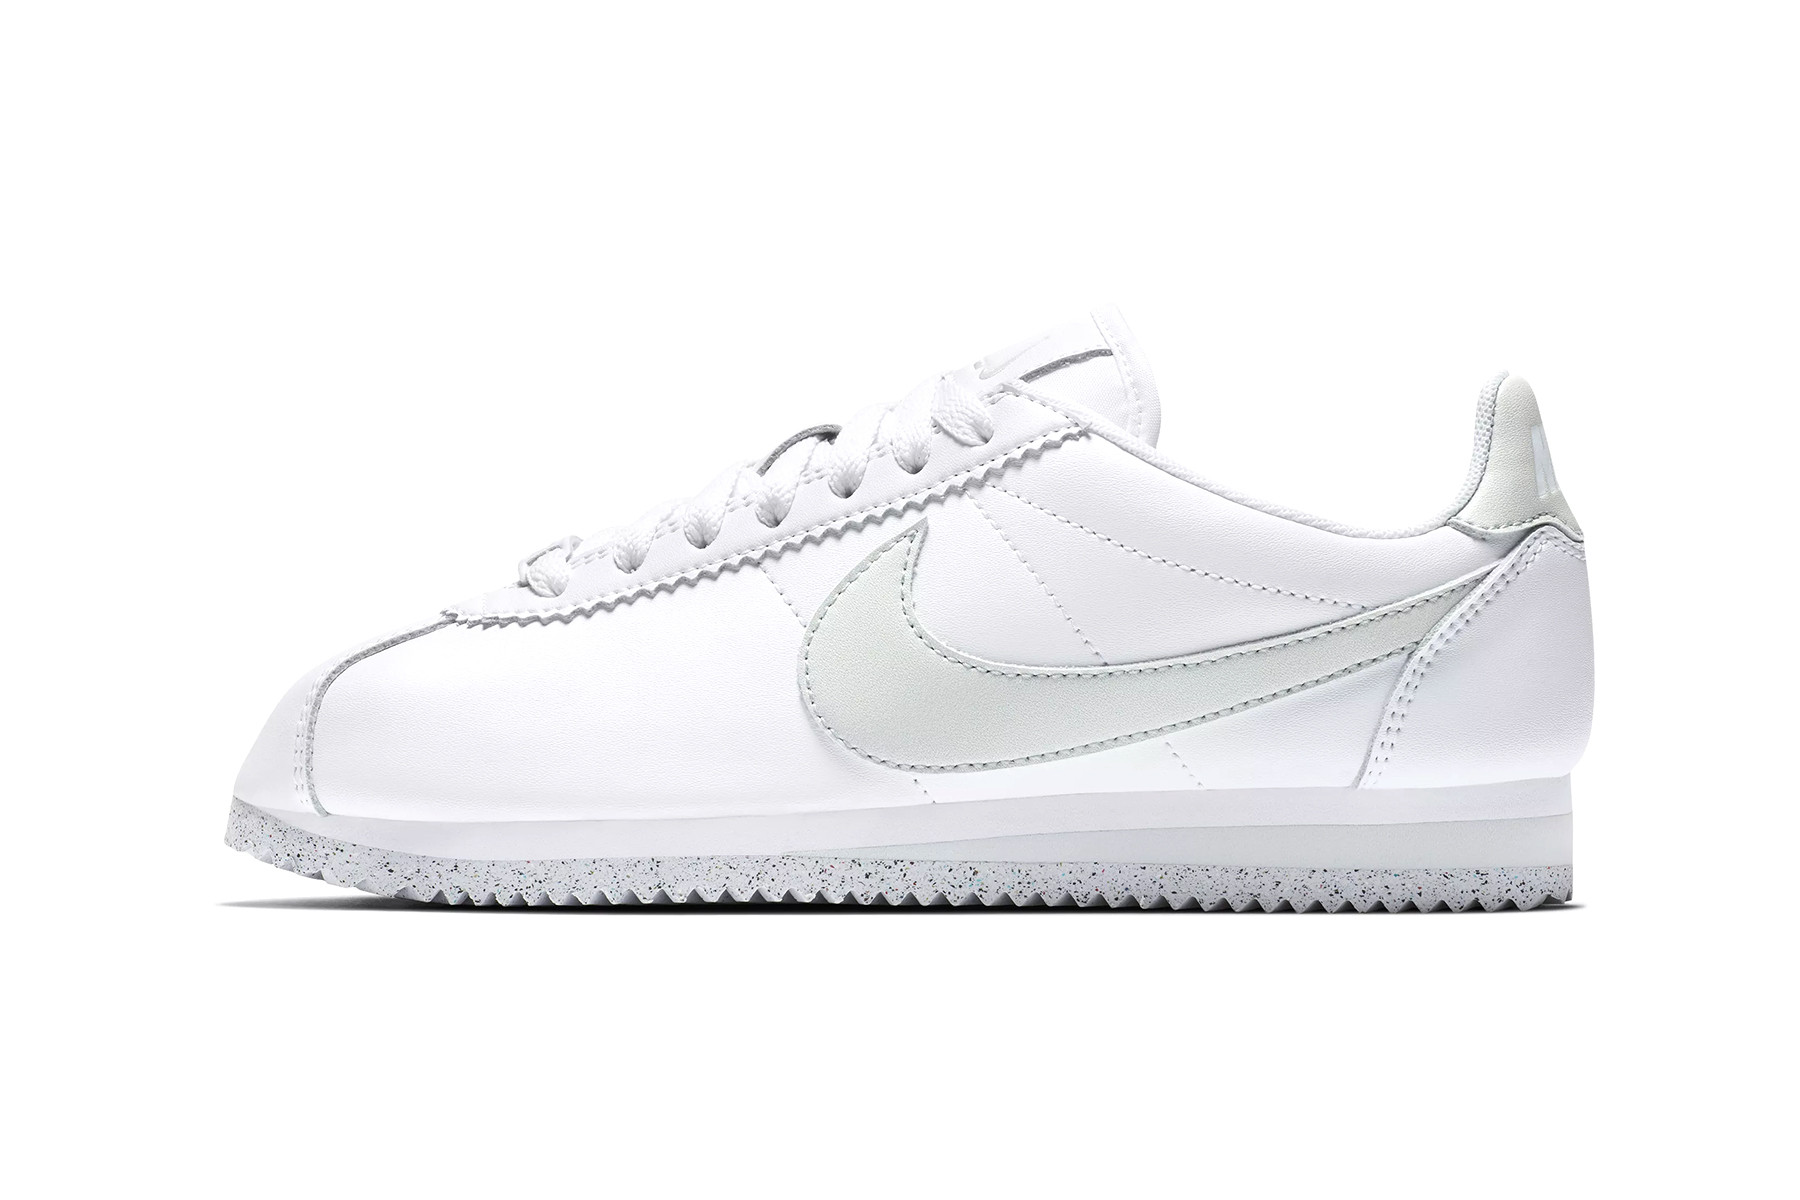 Nike Cortez Sustainable Flyleather